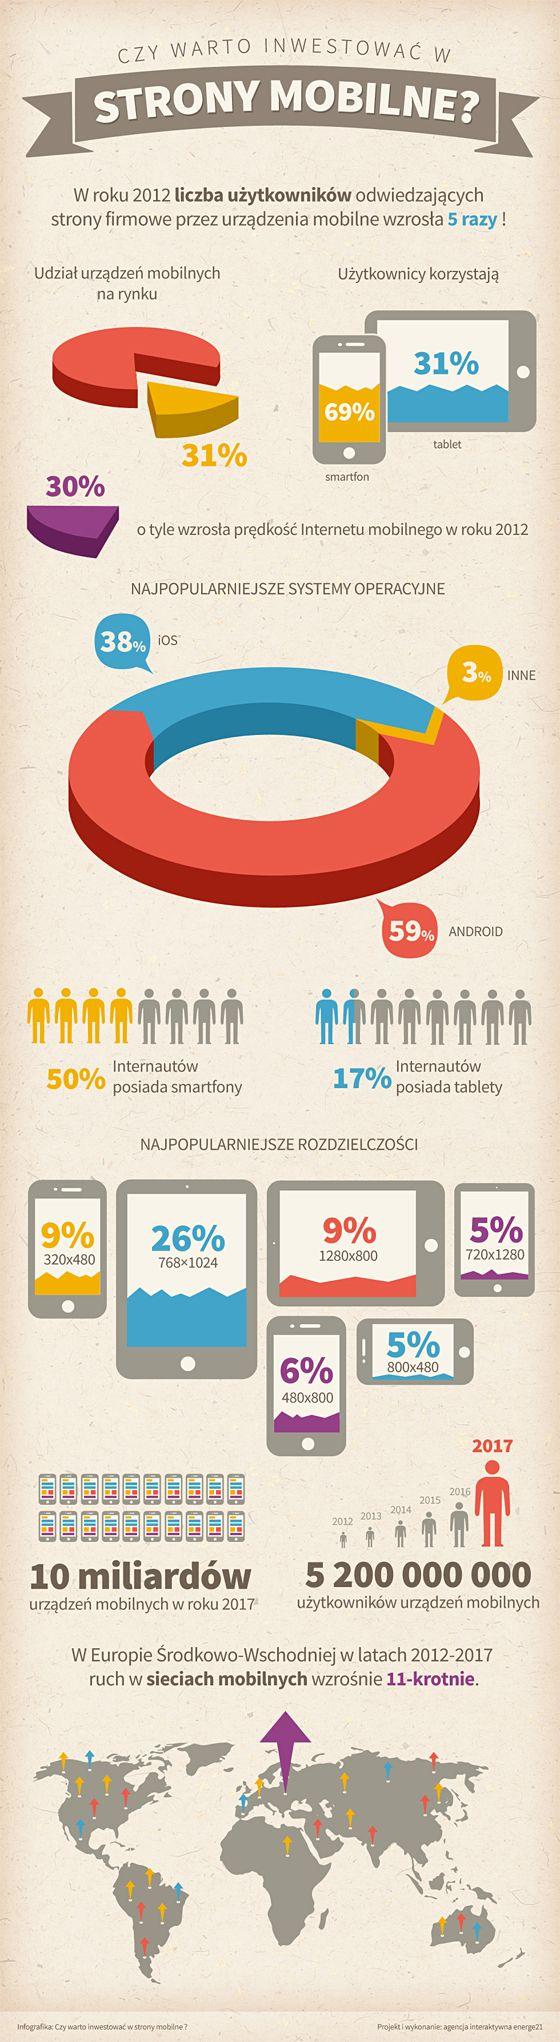 Infografika strony mobilne. Zastanawiasz się czy warto inwestować w stronę mobilną?